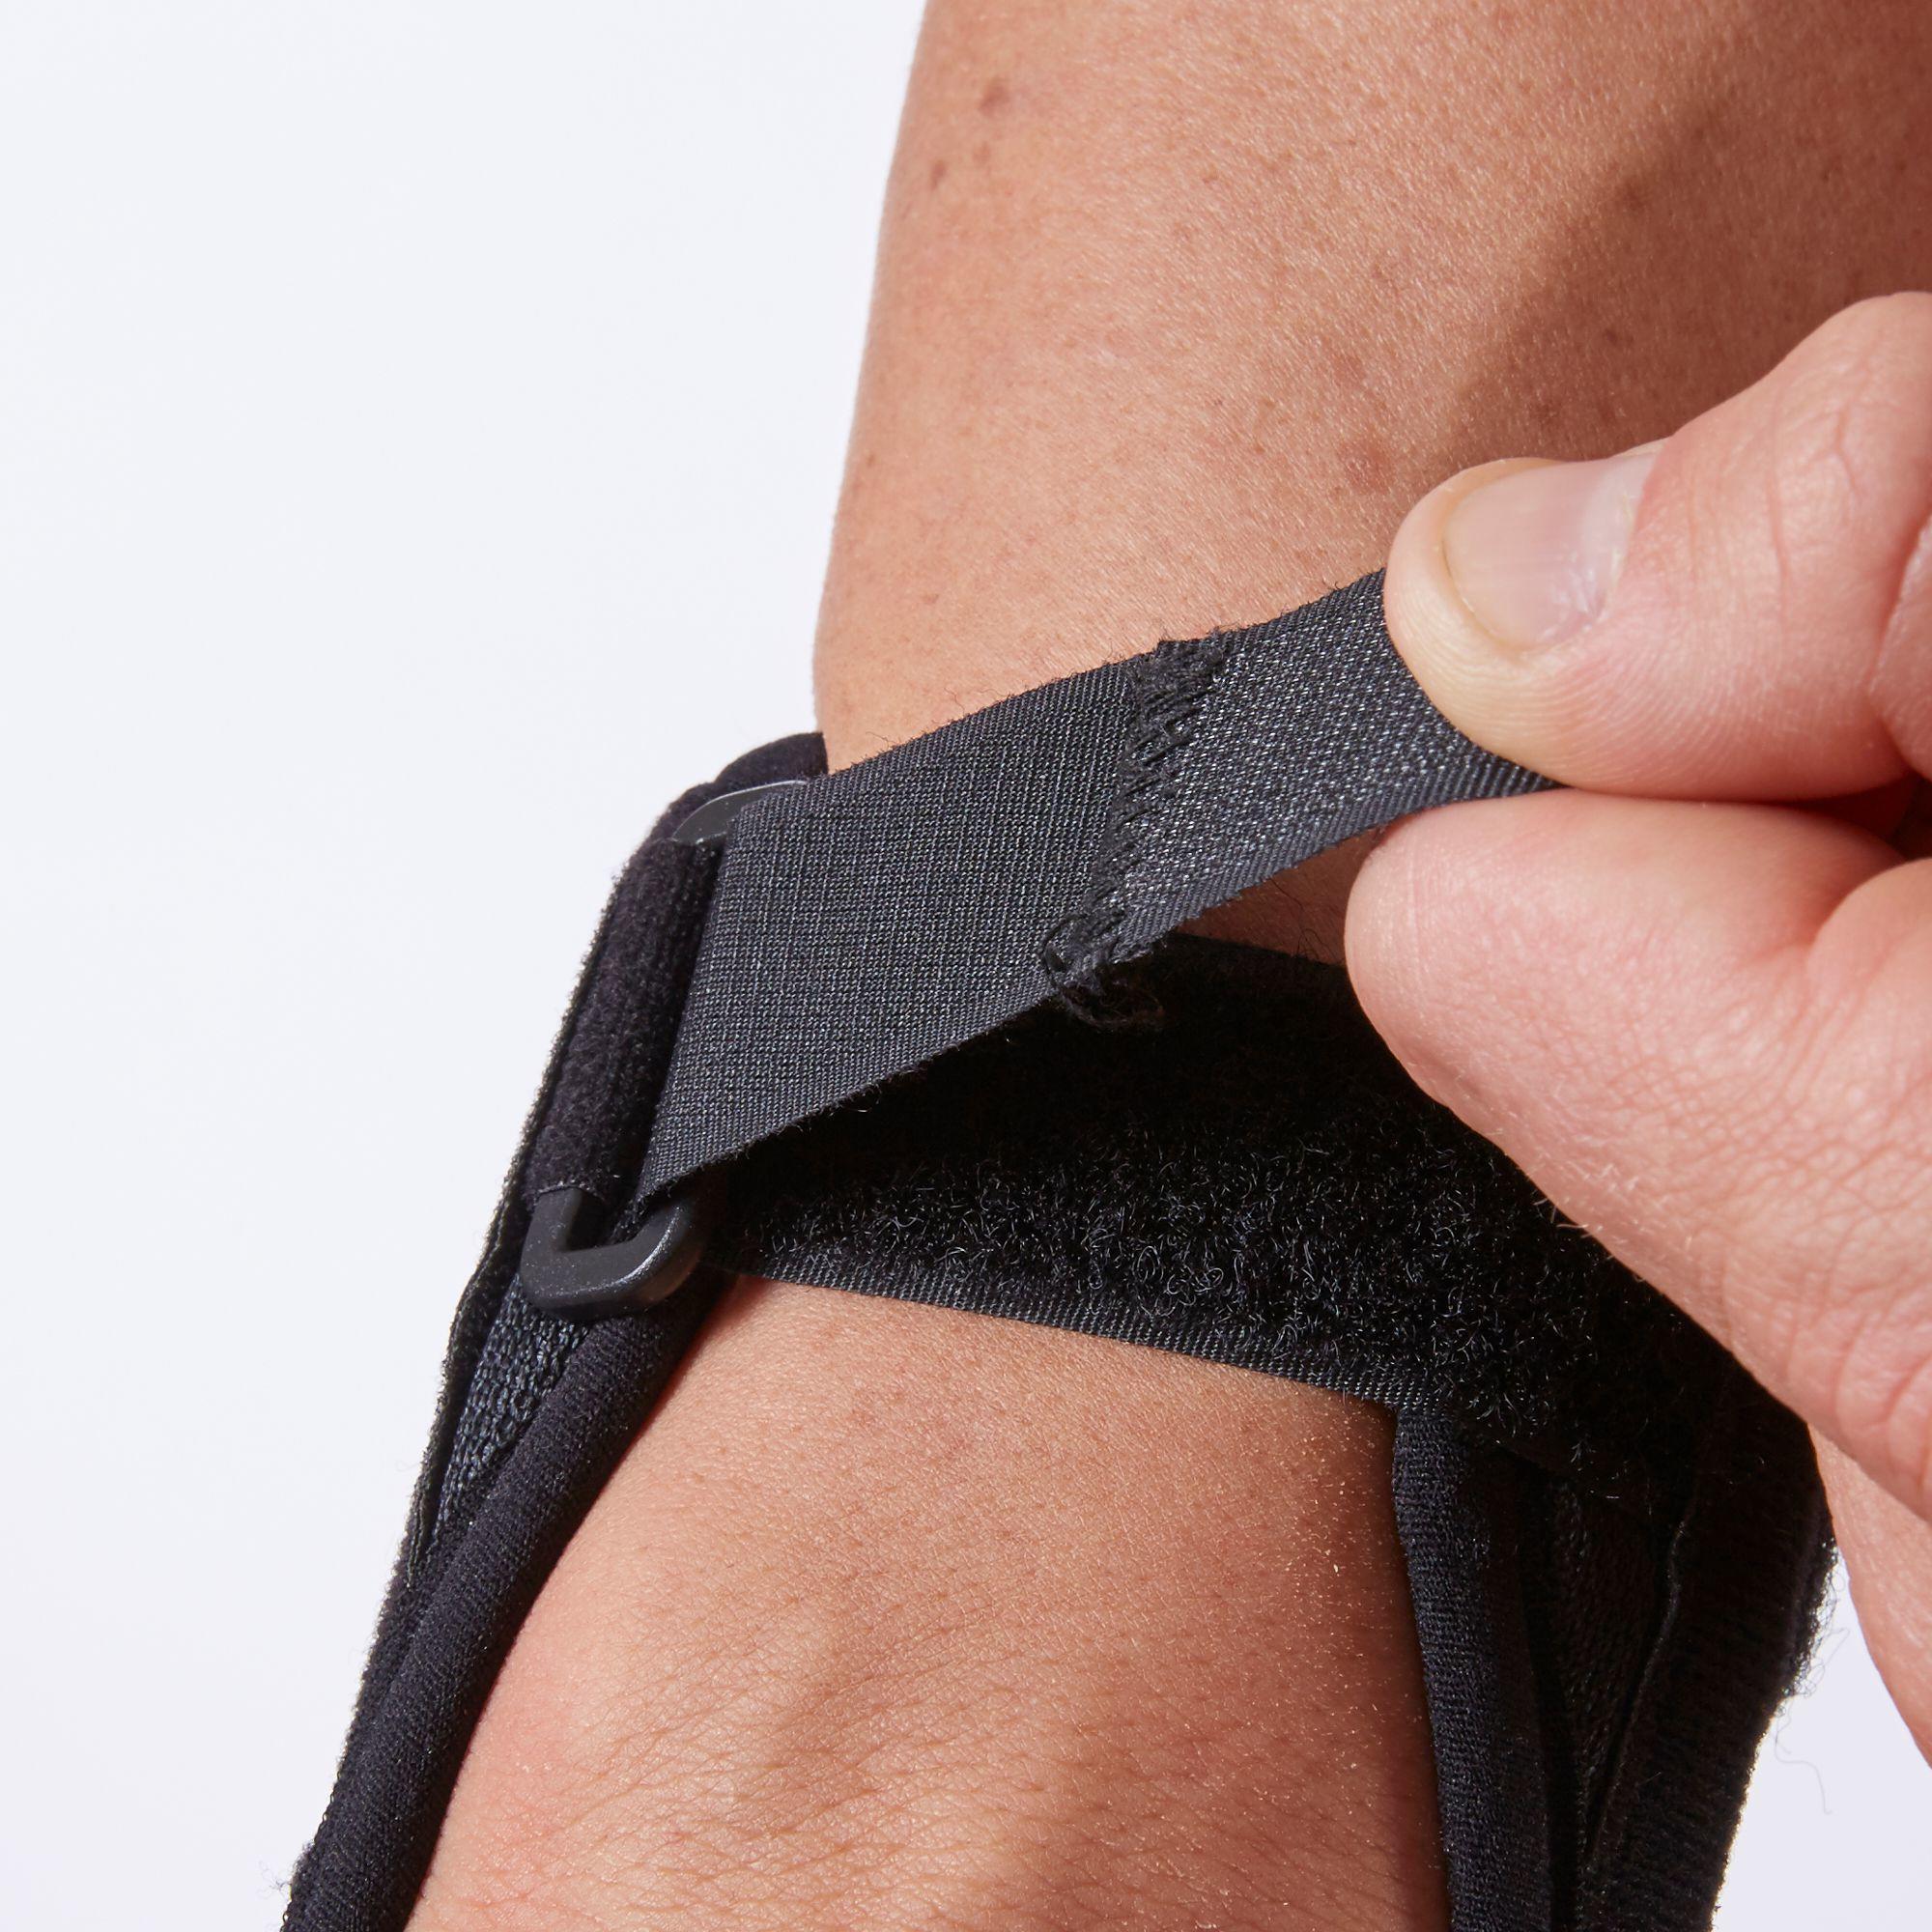 Strong 700 Men's/Women's Left/Right Wrist Support - Black